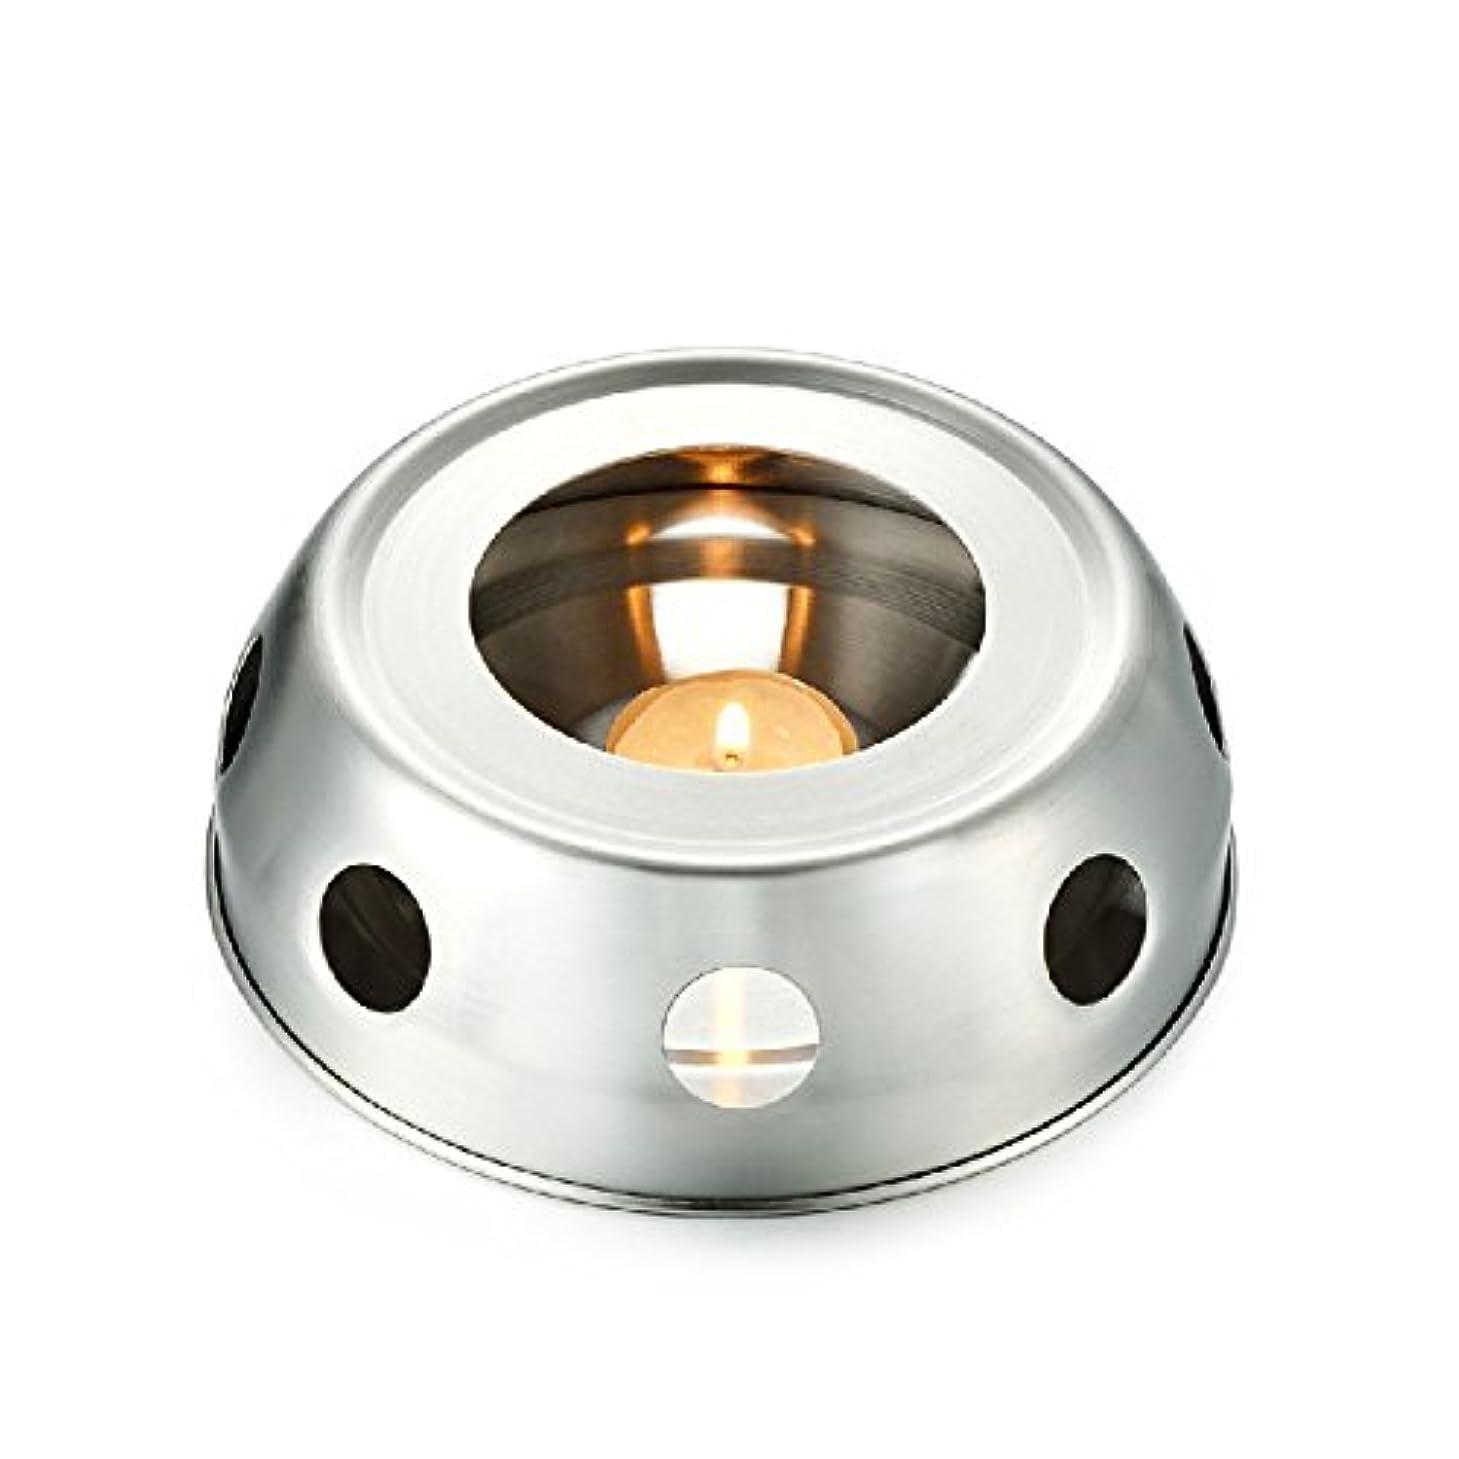 韻同意する警告するfunnytoday365 Teaヒーター暖房のティーポットincenseplate Essencial OilステンレススチールFurnace Candleヒーターストーブ